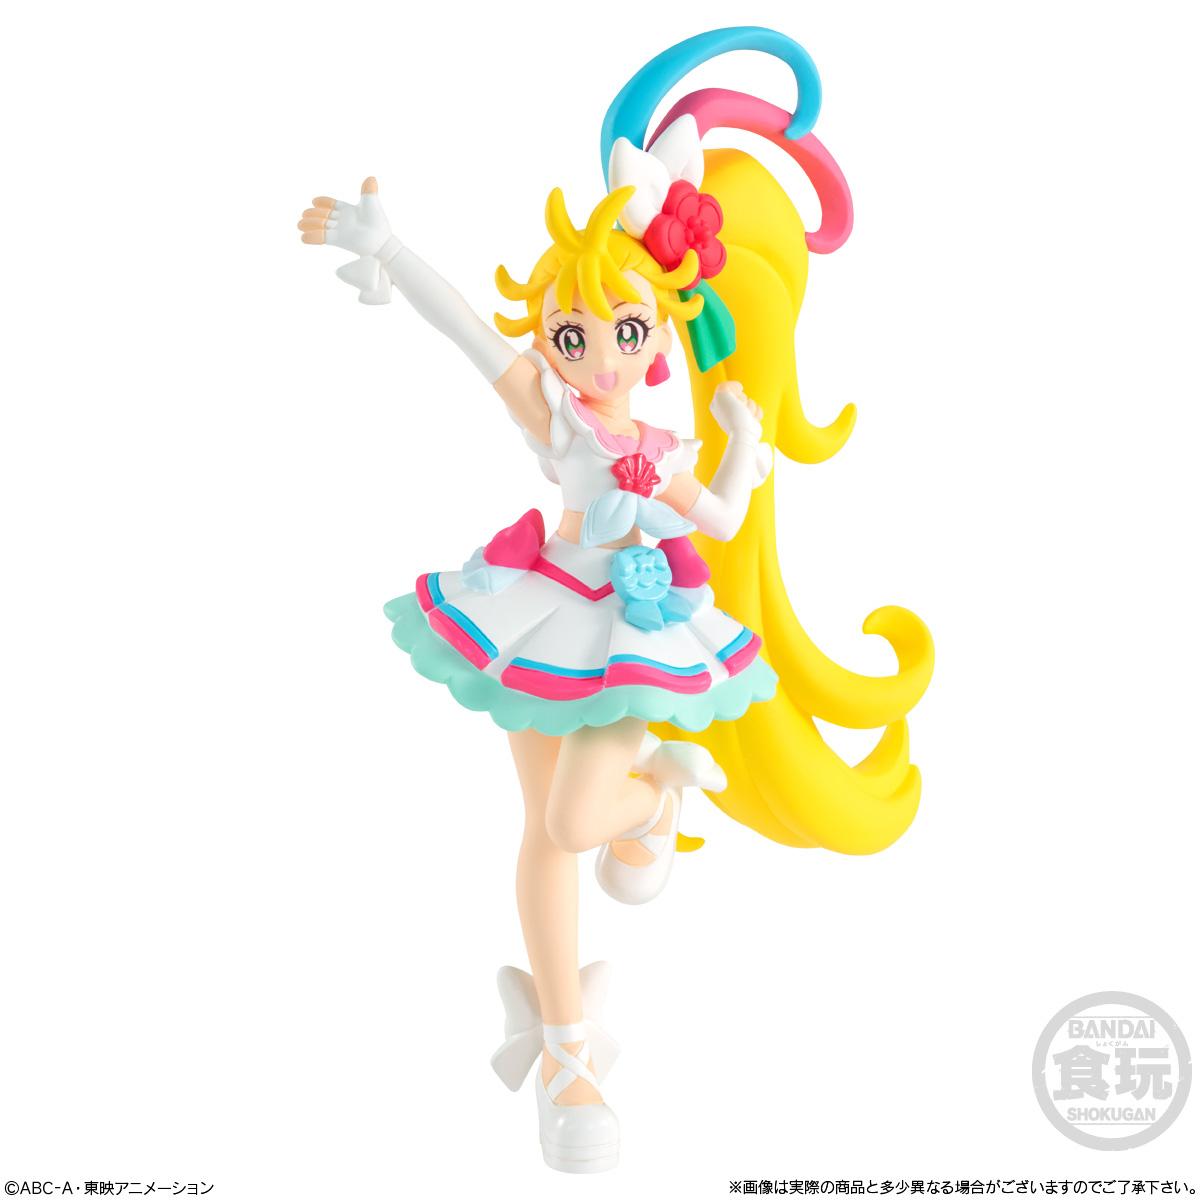 【食玩】トロプリ『トロピカル~ジュ!プリキュア キューティーフィギュア』10個入りBOX-003